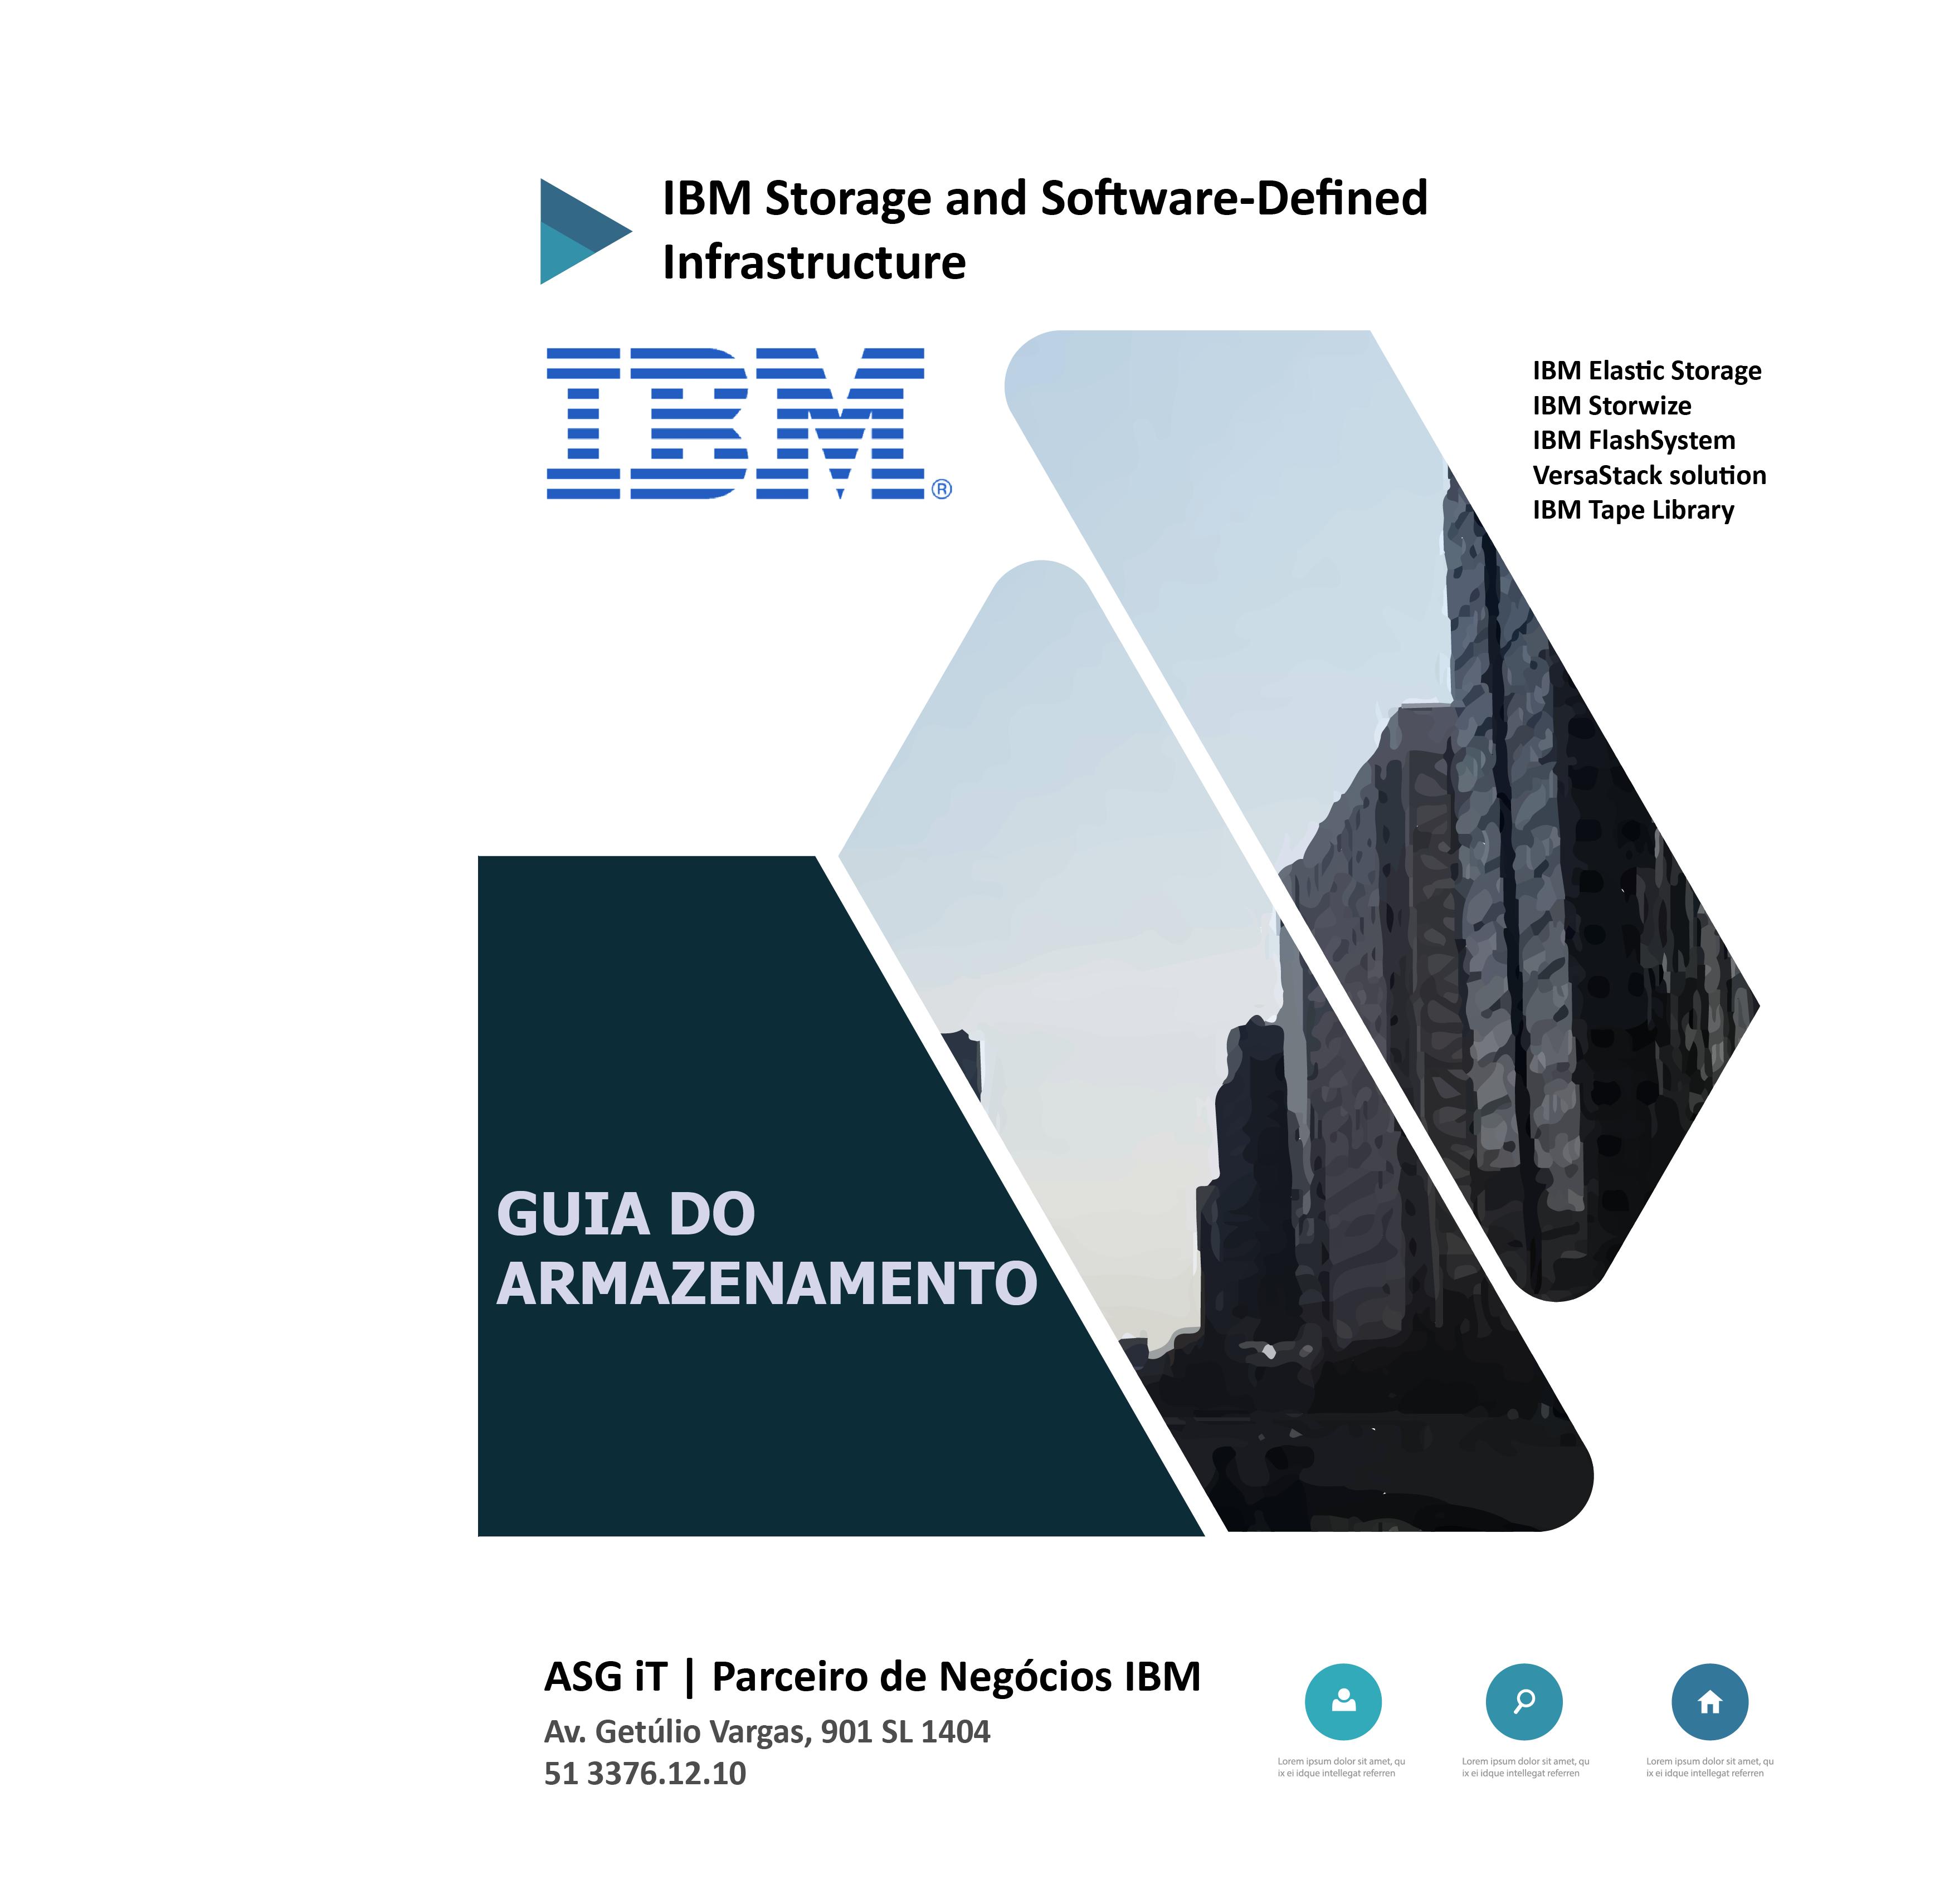 Guia do armazenamento IBM